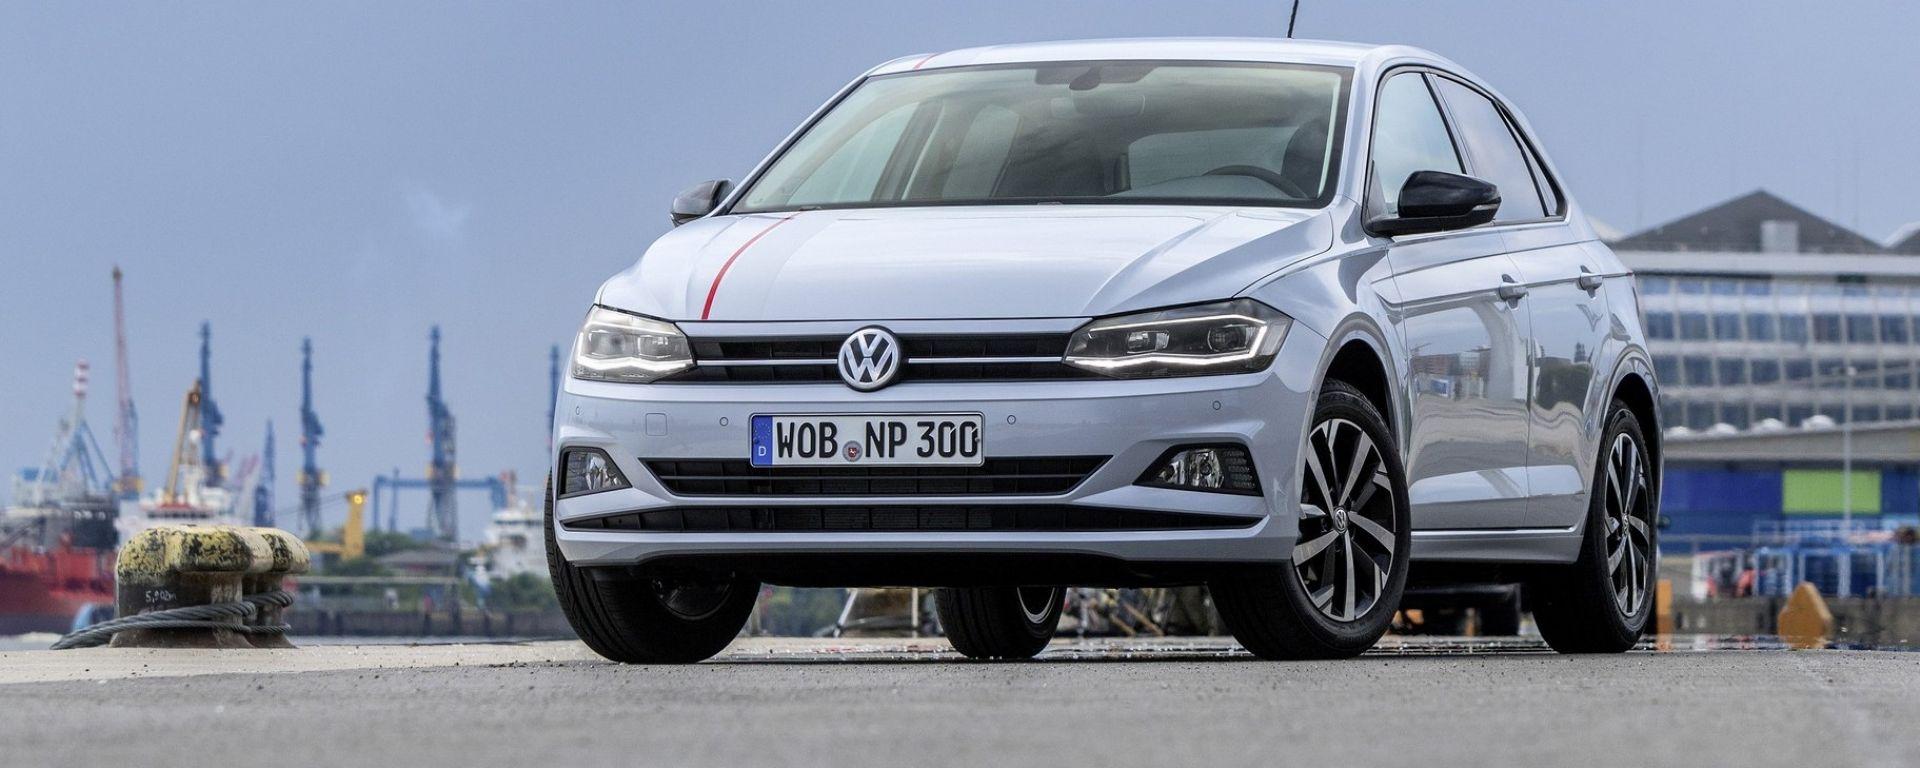 Volkswagen Polo 2017, le nuove foto